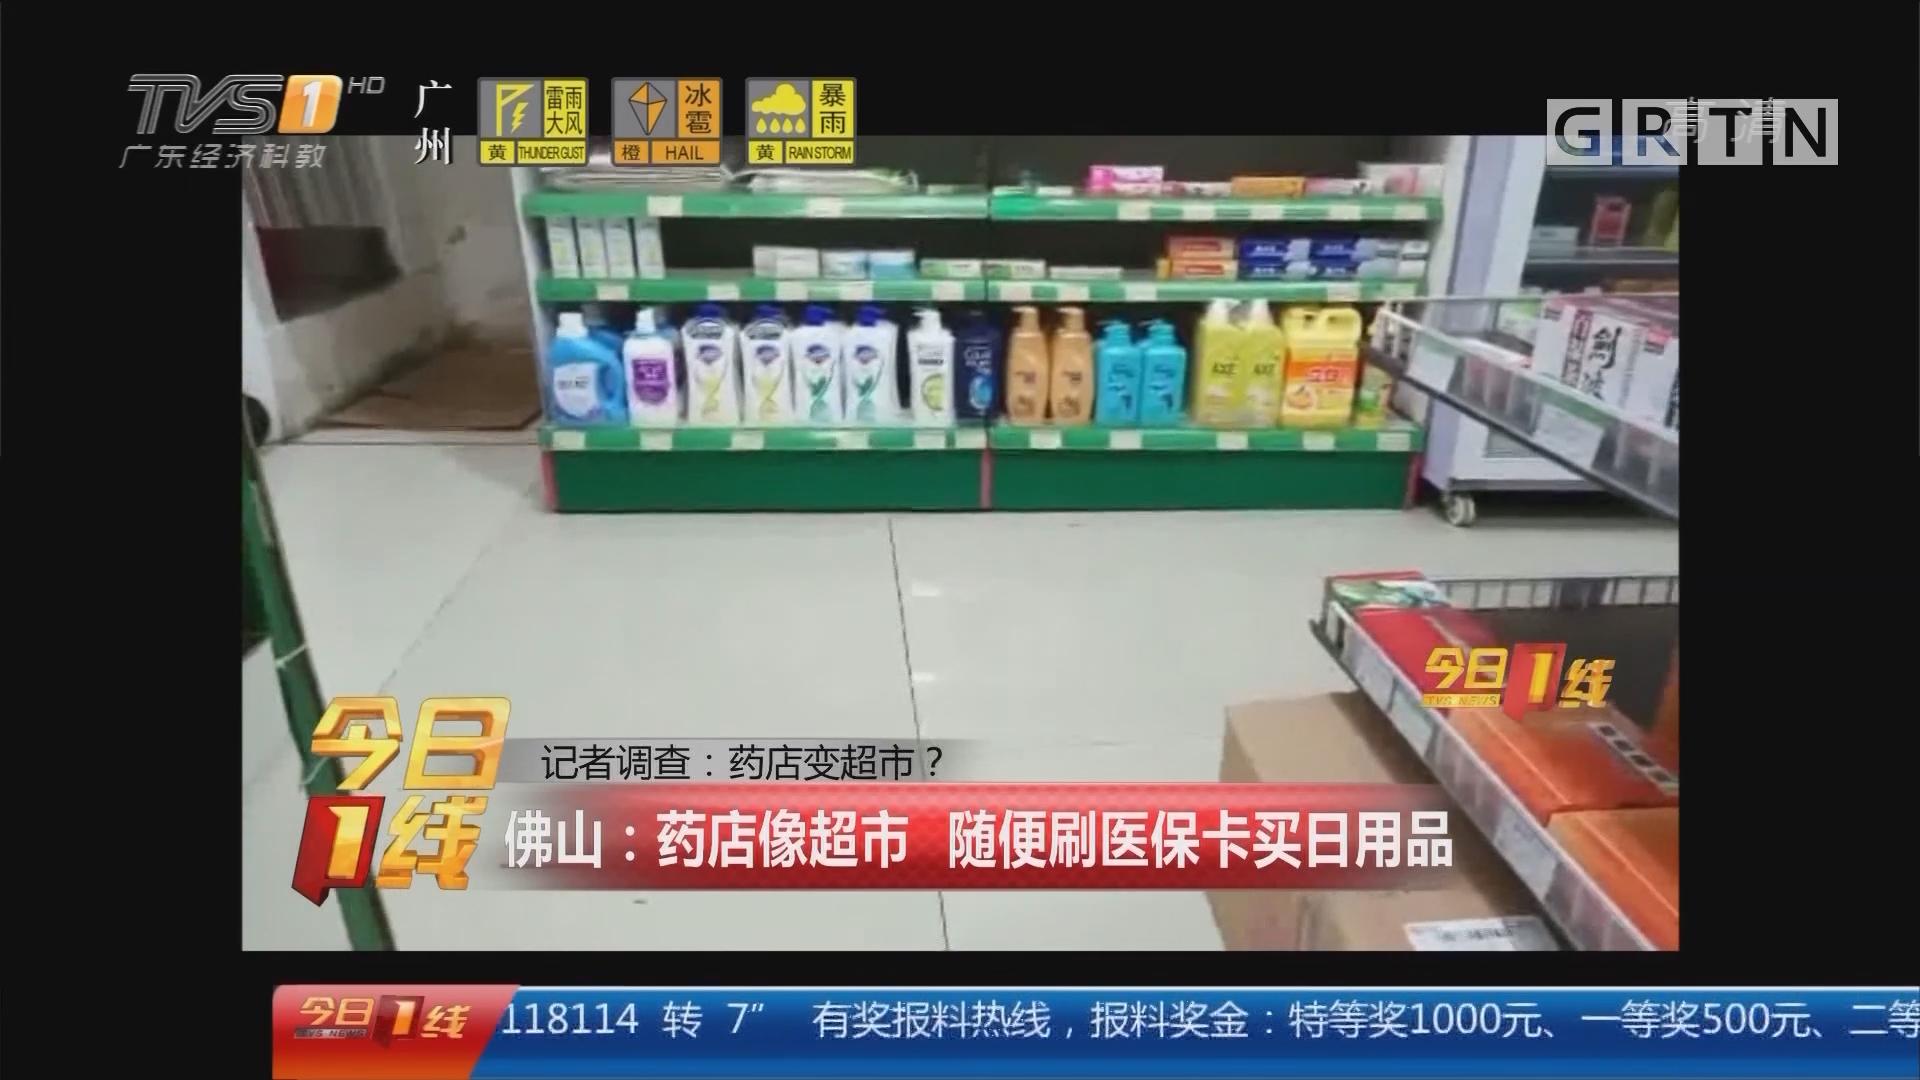 记者调查:药店变超市? 佛山:药店像超市 随便刷医保卡买日用品